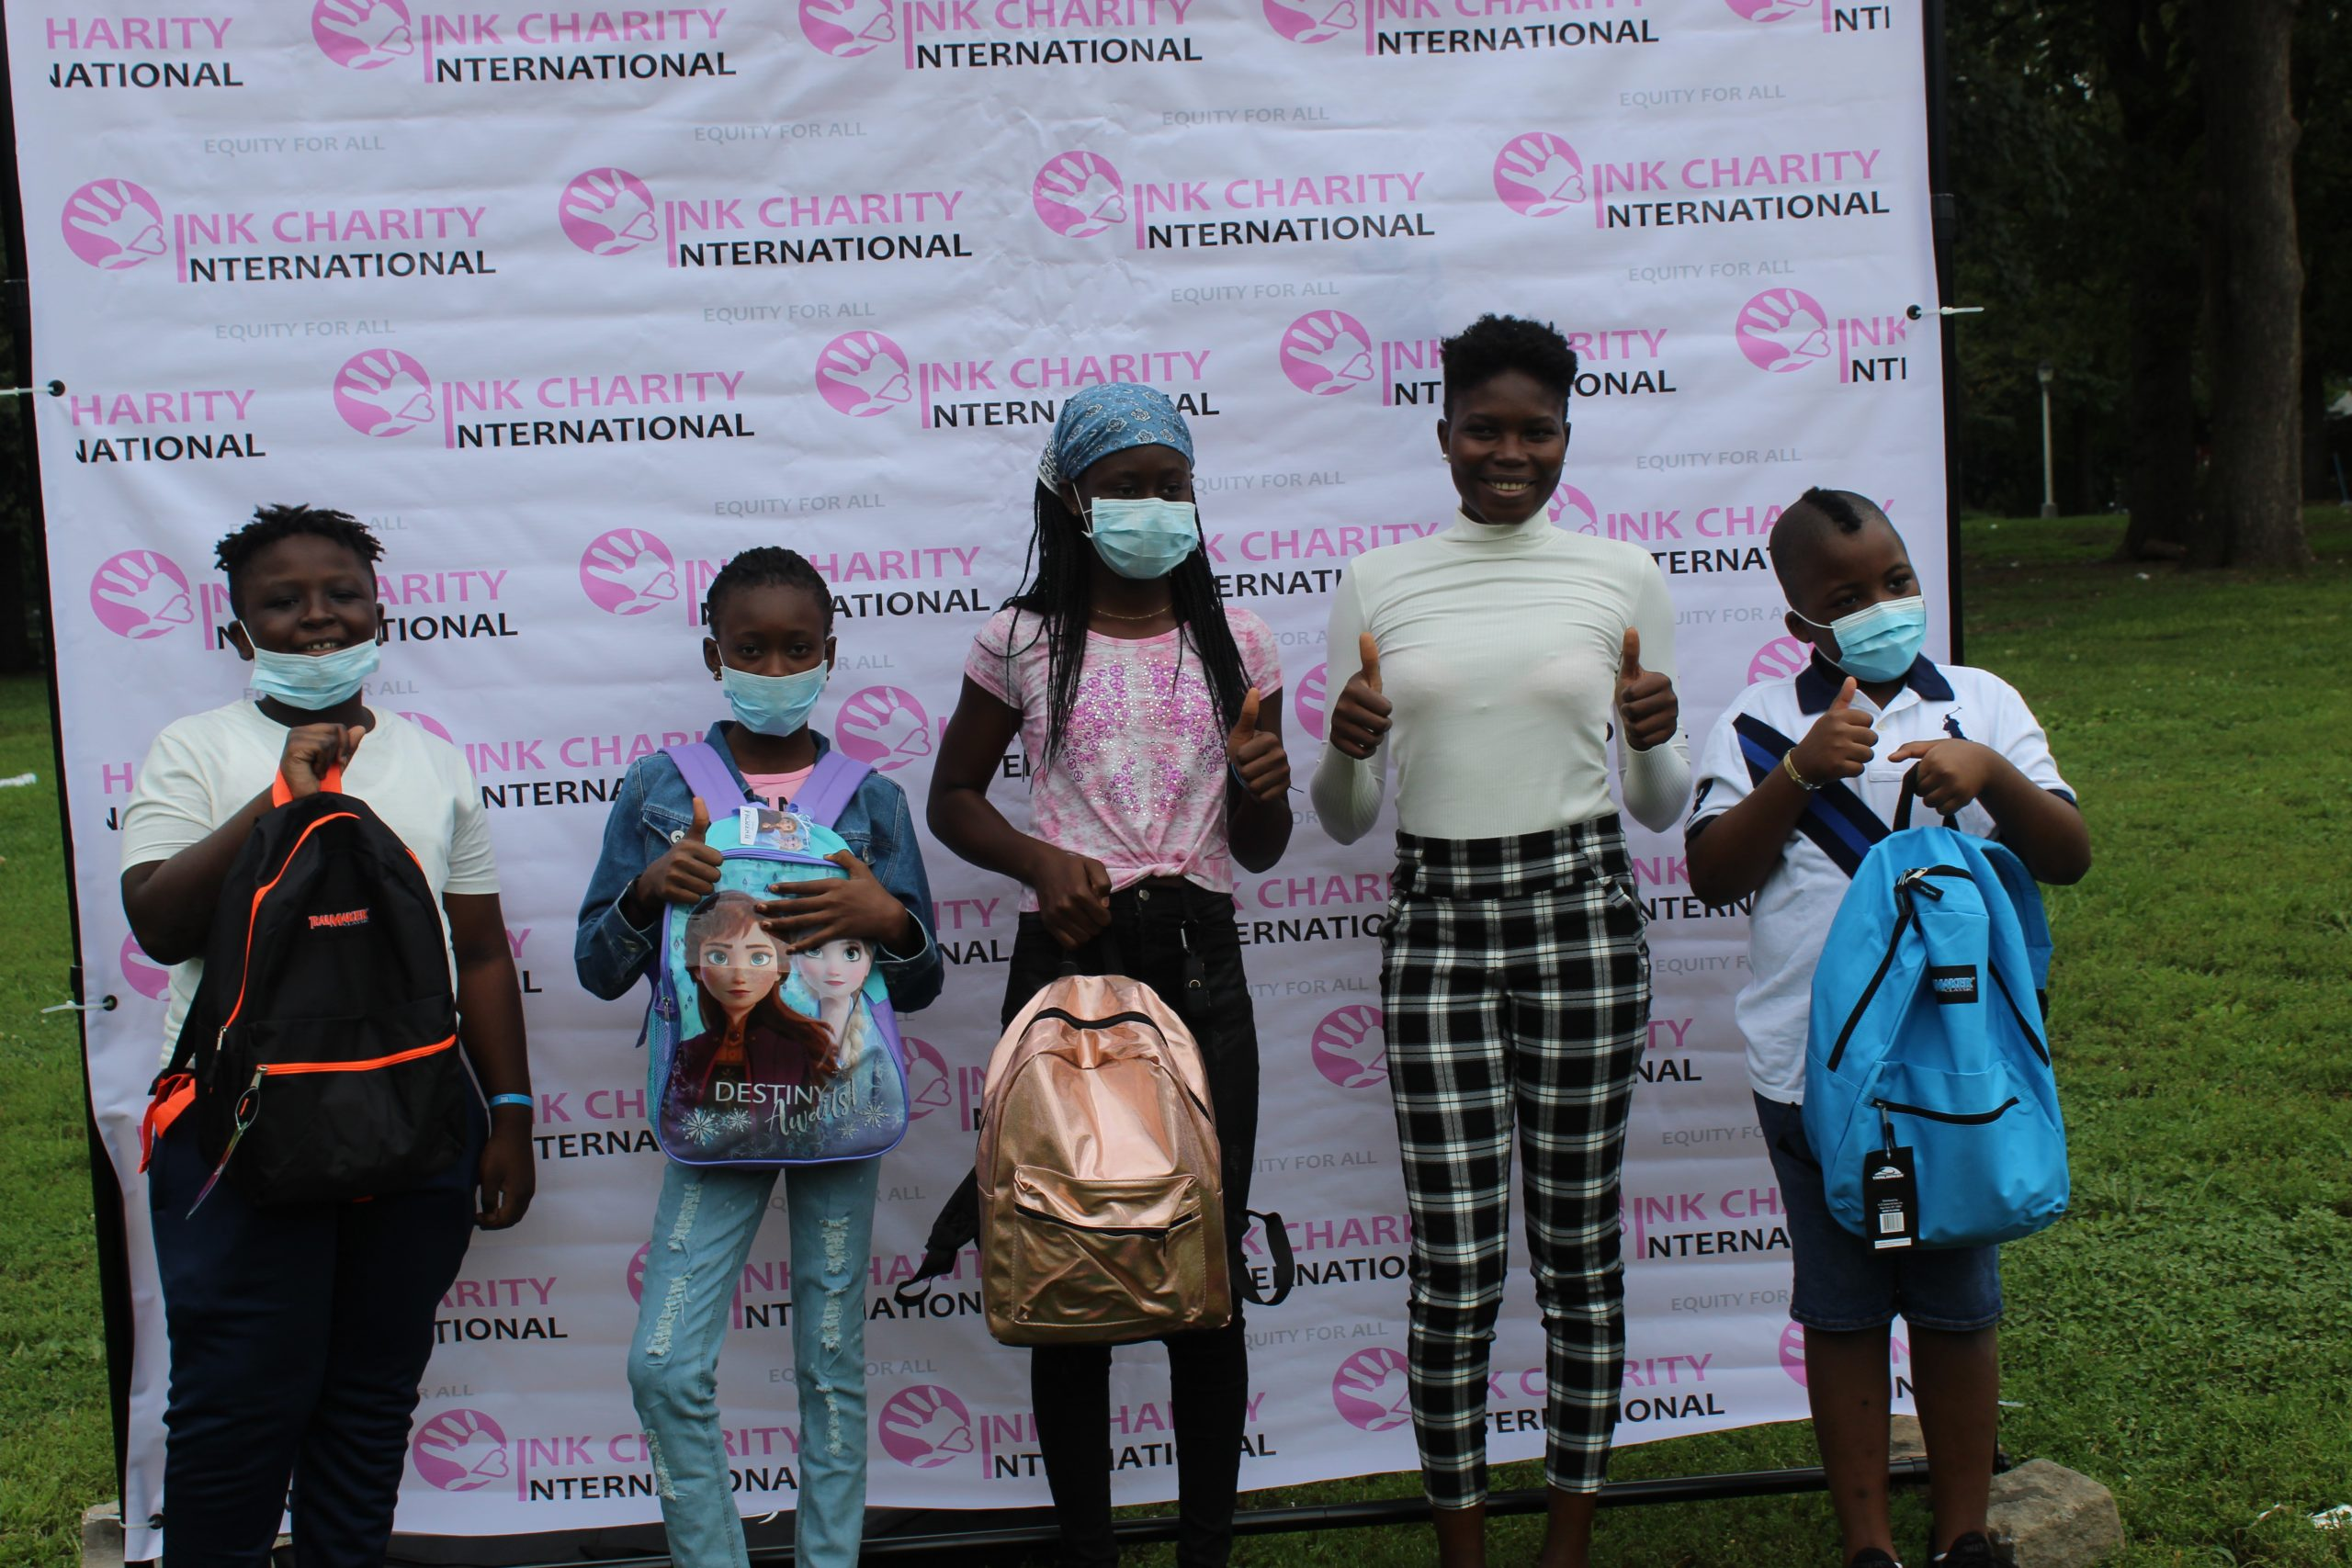 New York: 200 élèves et étudiants ont reçu des fournitures scolaires grâce à L'ONG Bink International Charity